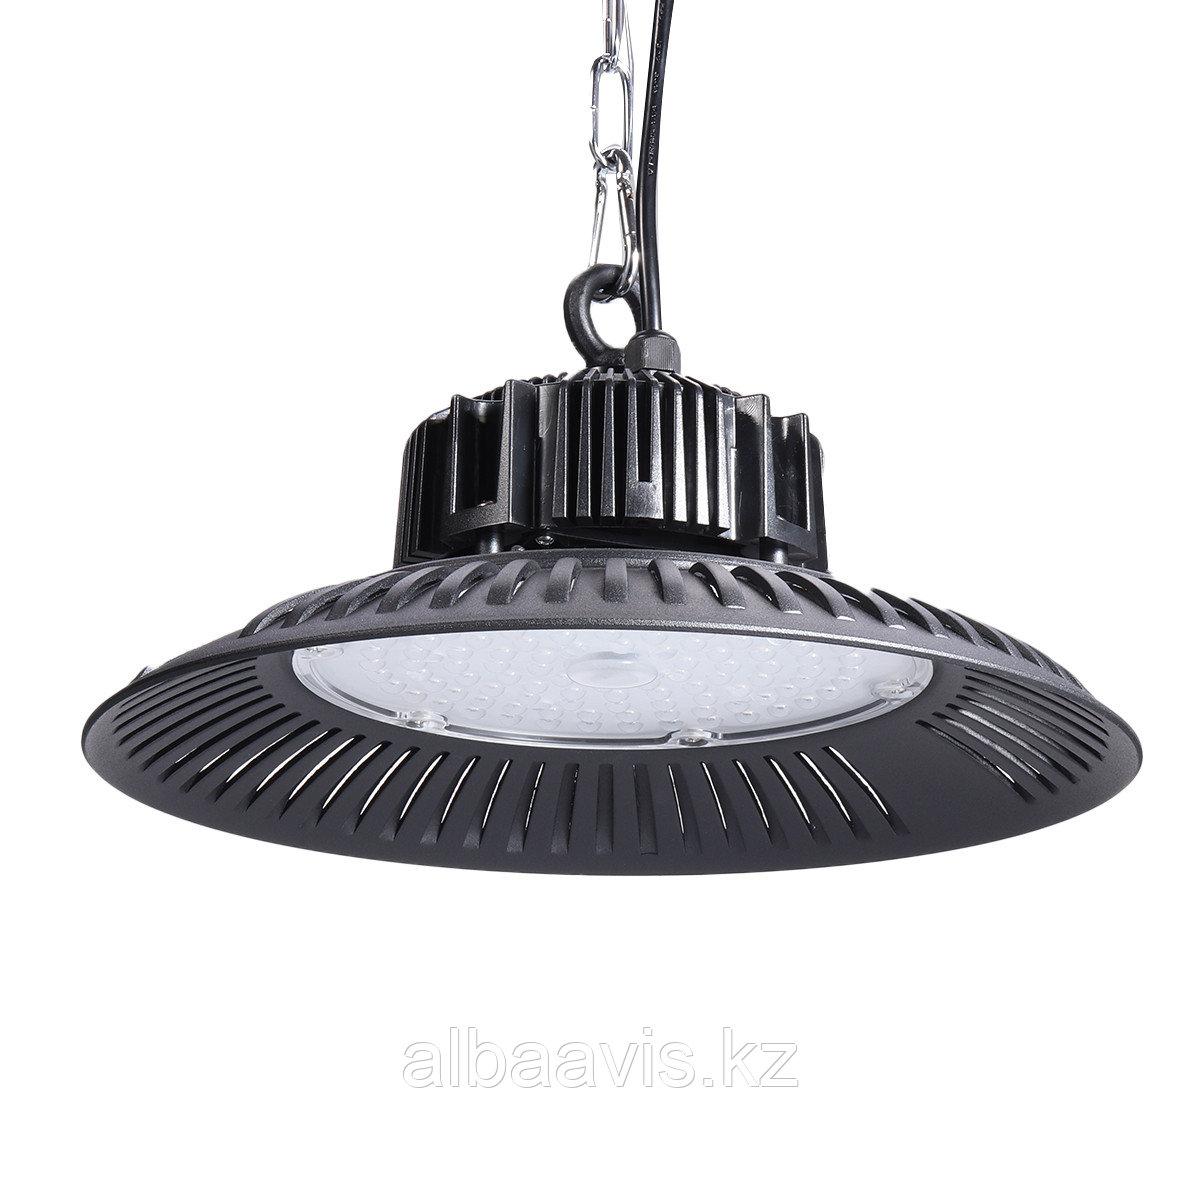 Светильник 50 в, колокол, промышленный, индустриальный светильник, светильник купольный, светильник подвесной